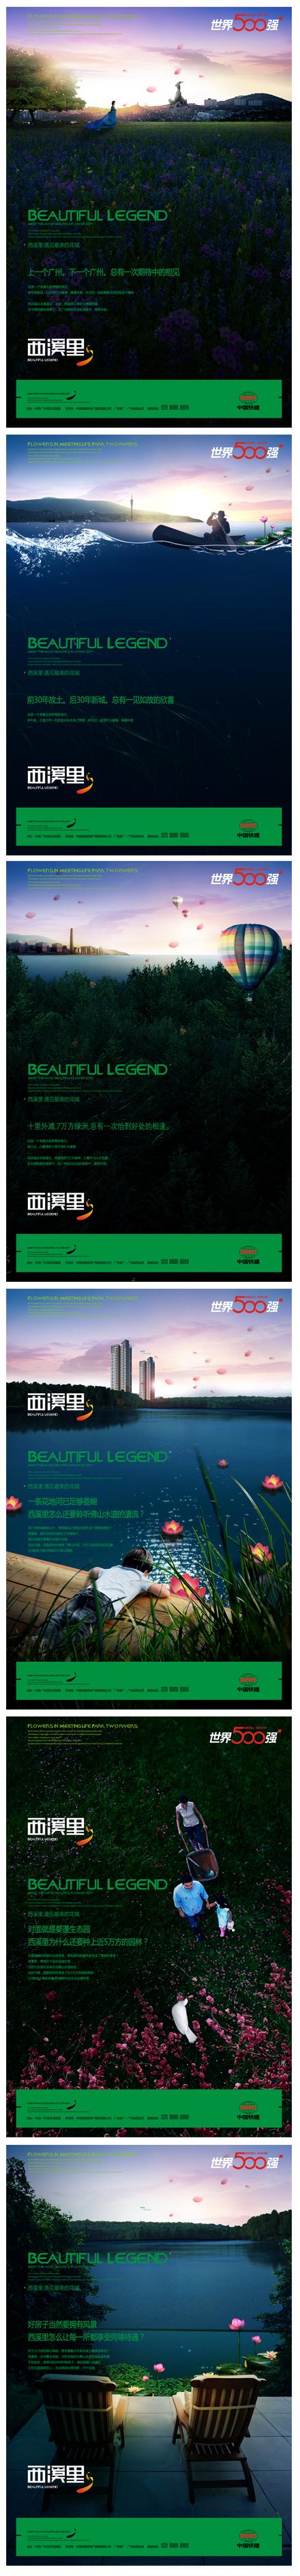 中铁西溪里.jpg